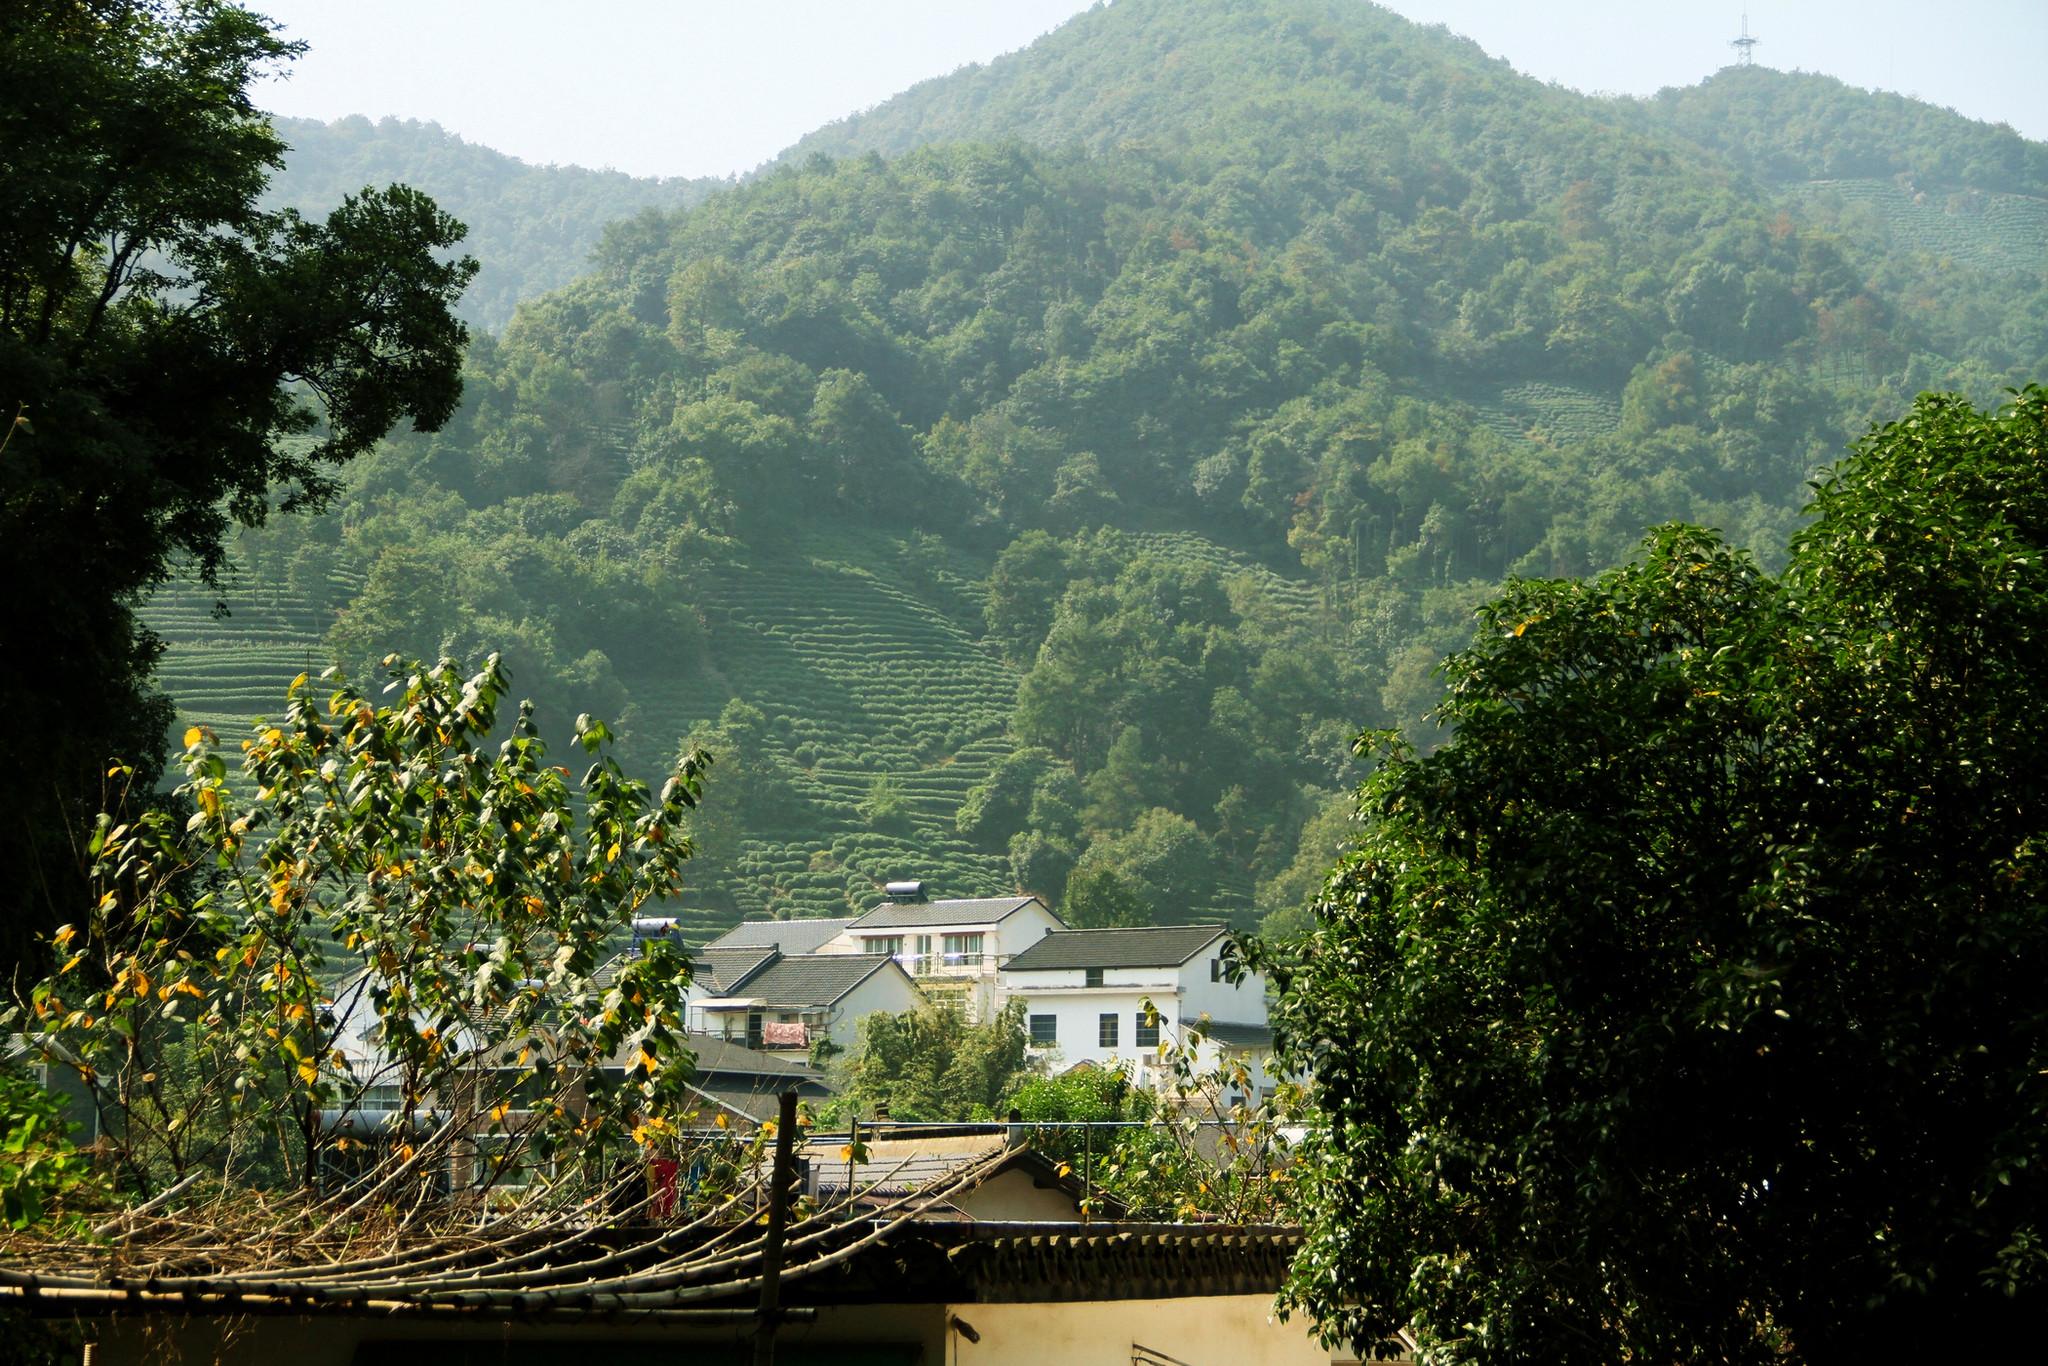 什么时候去龙井村好,龙井村最佳旅游时间